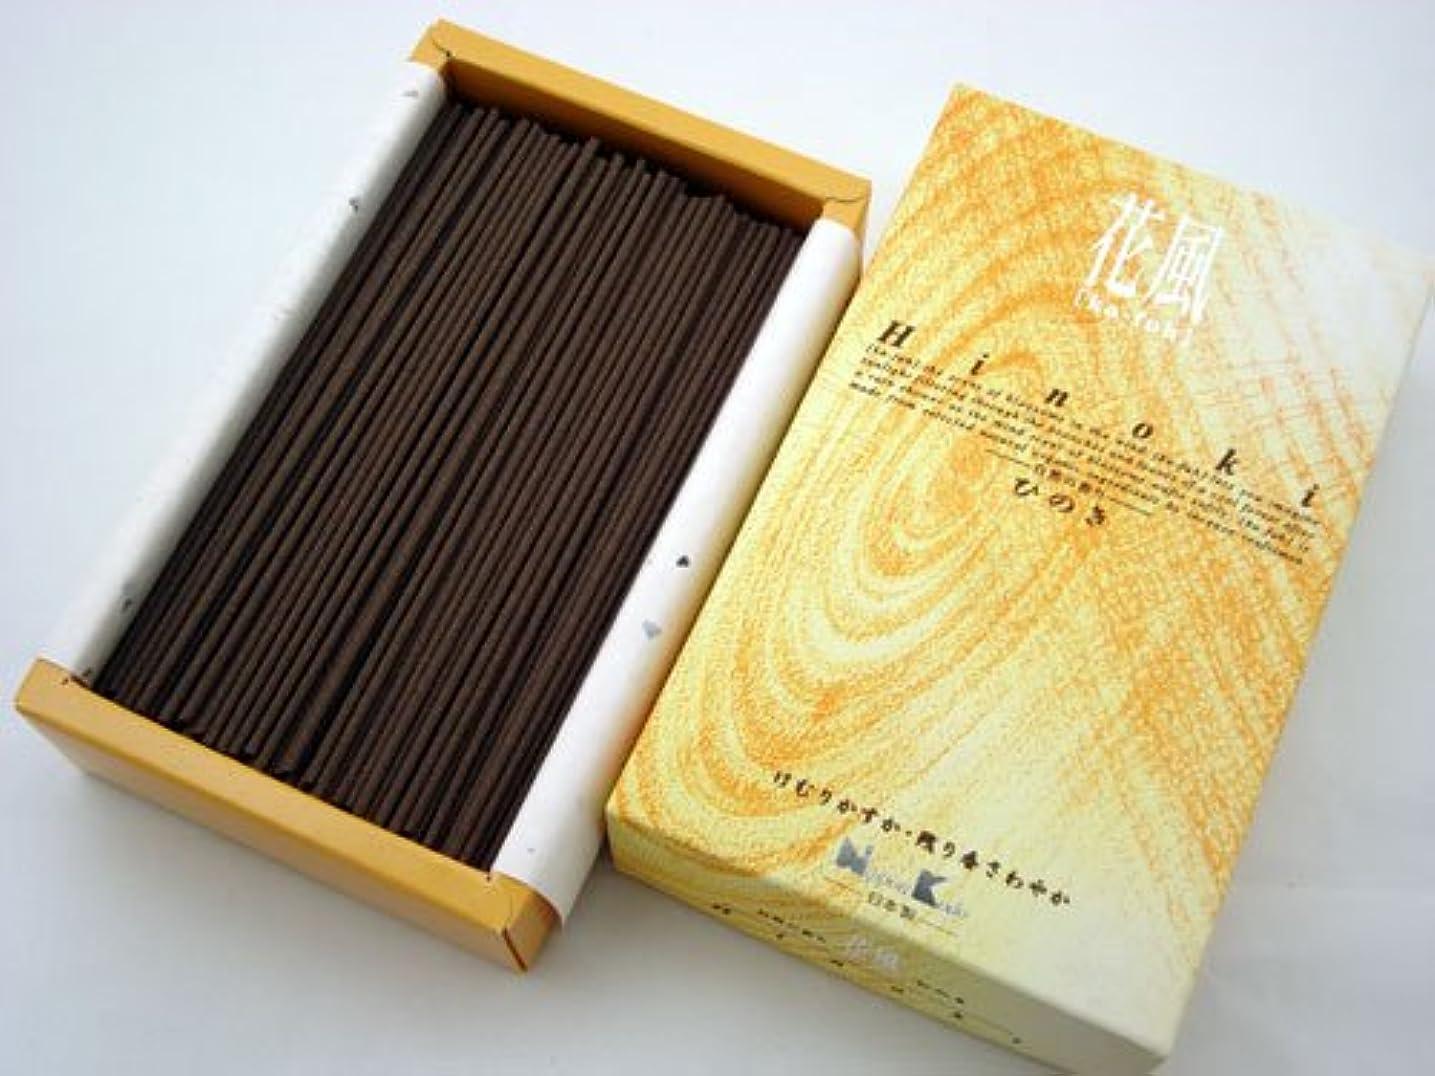 ビタミン昇るパテ日本香堂 微煙線香【花風(かふう) ひのき】 バラ詰大箱